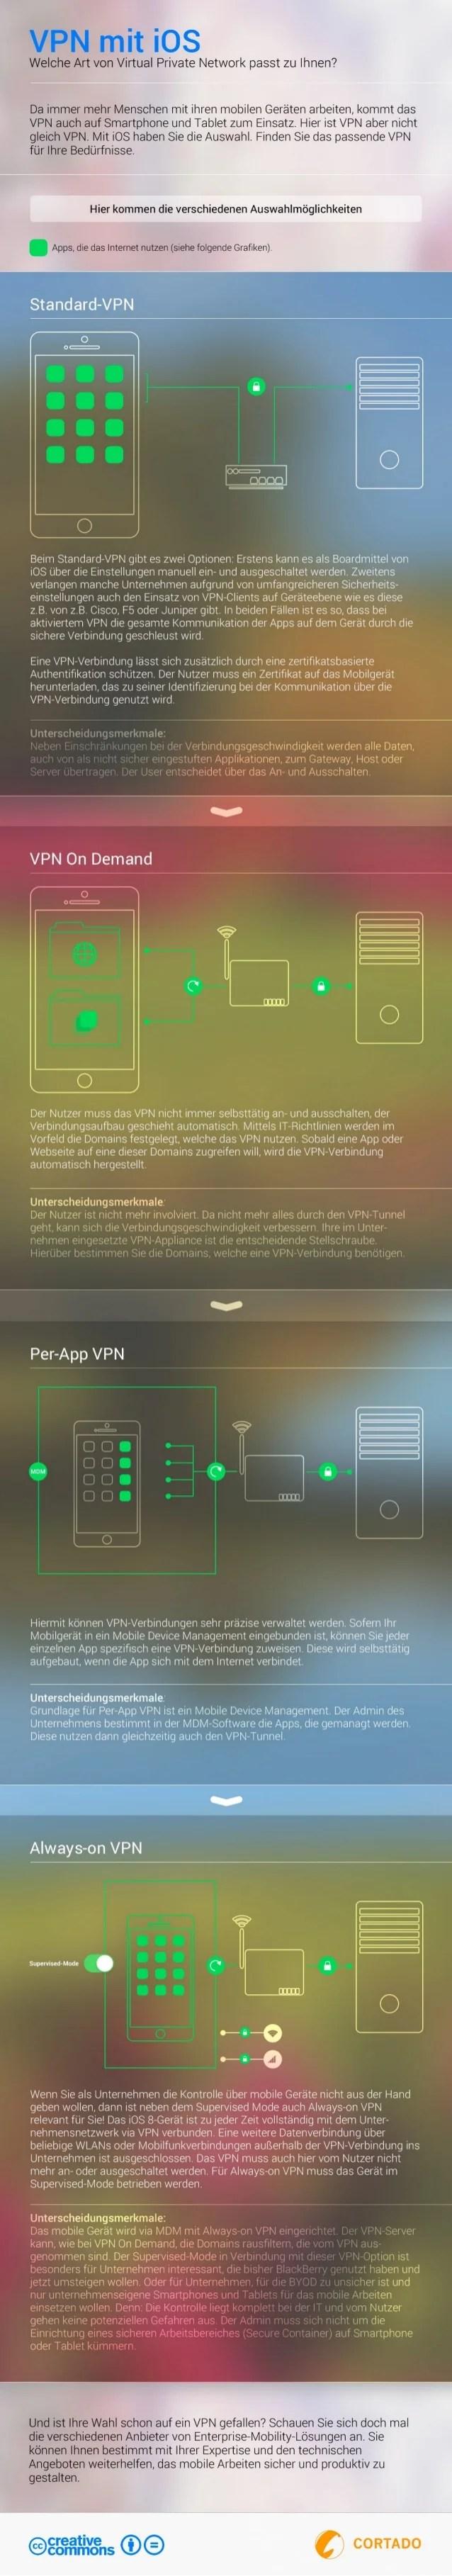 aw vpn network diagram [ 638 x 3635 Pixel ]